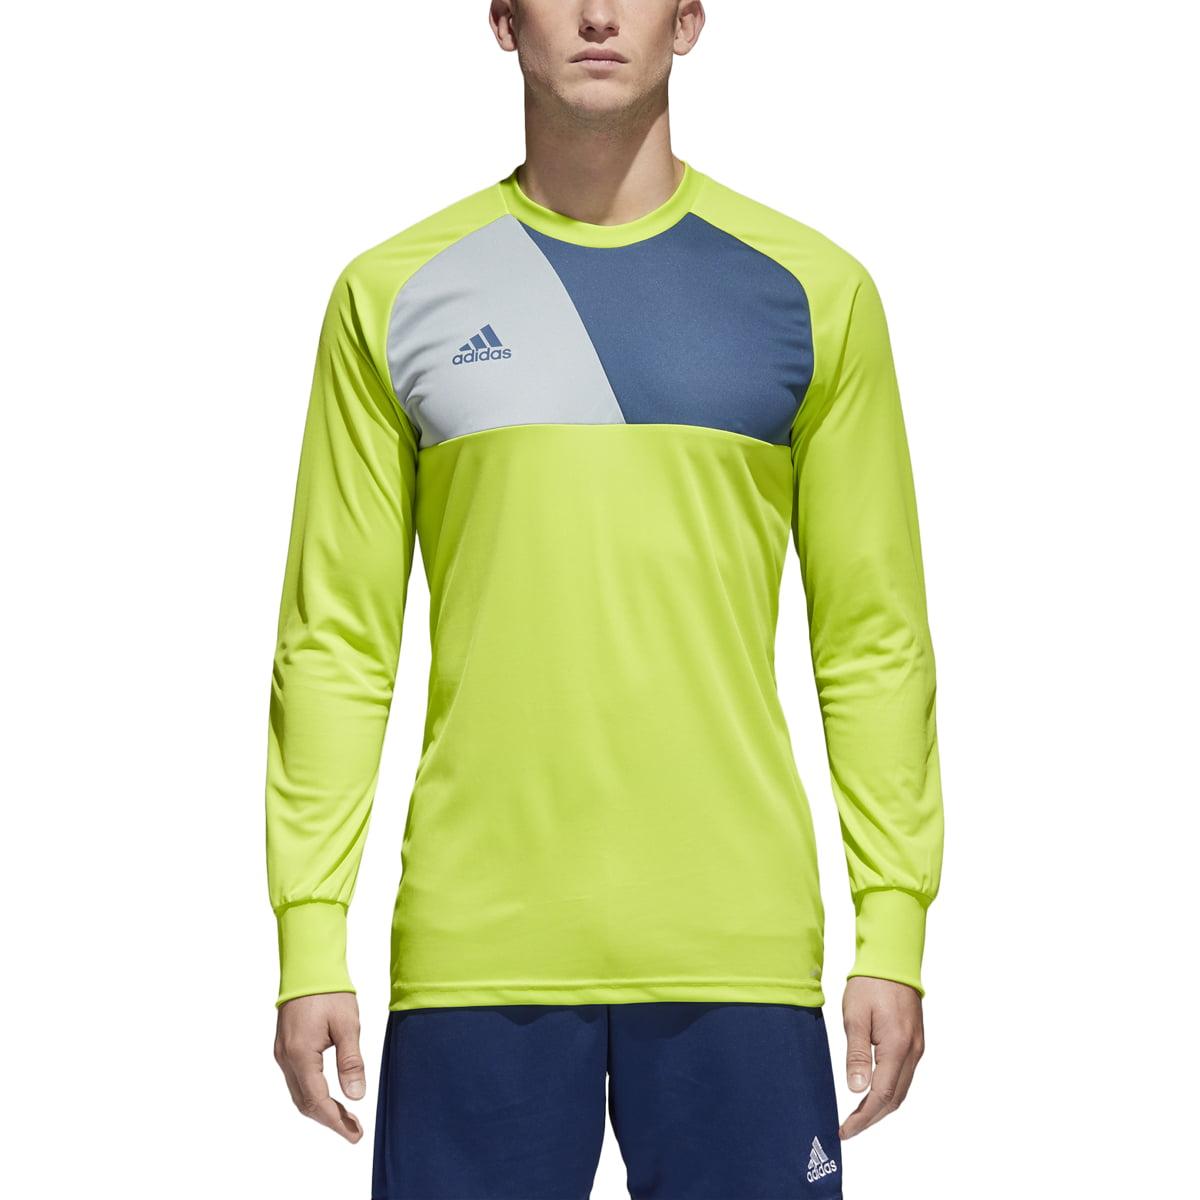 c22372c21d9 adidas men s soccer assita 17 goalkeeper jersey